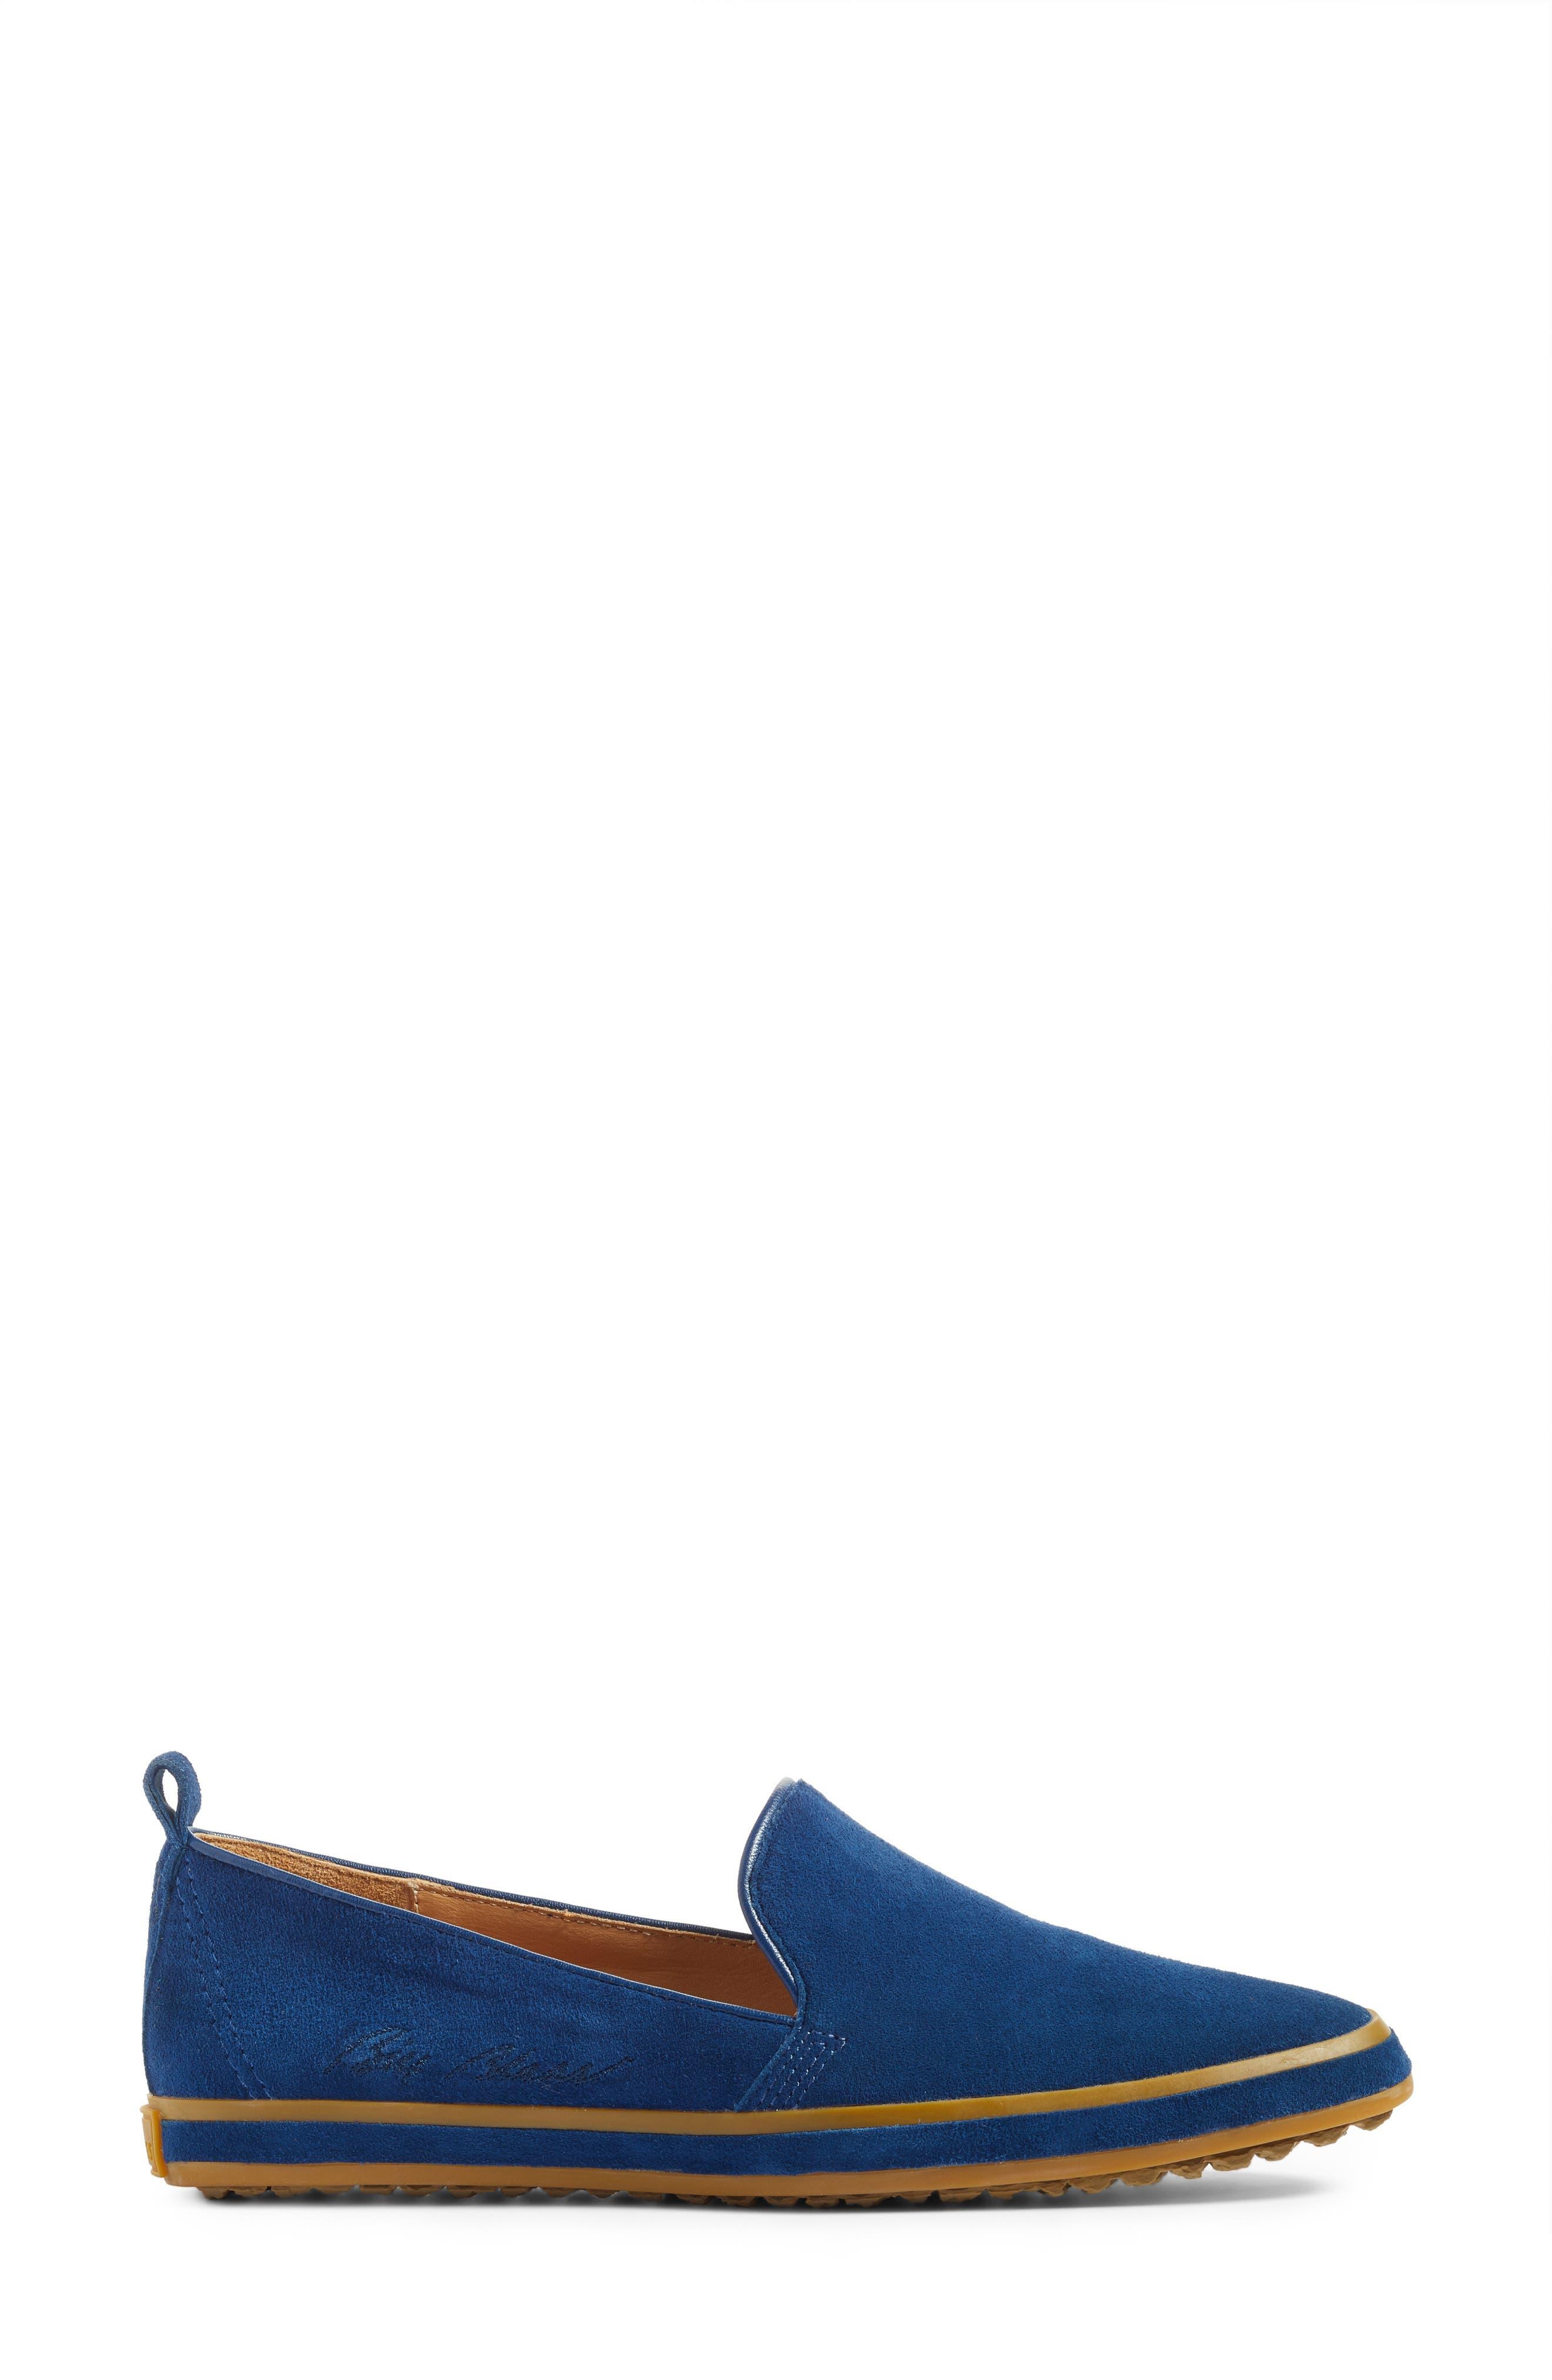 Sutton Slip-On Loafer,                             Alternate thumbnail 3, color,                             411